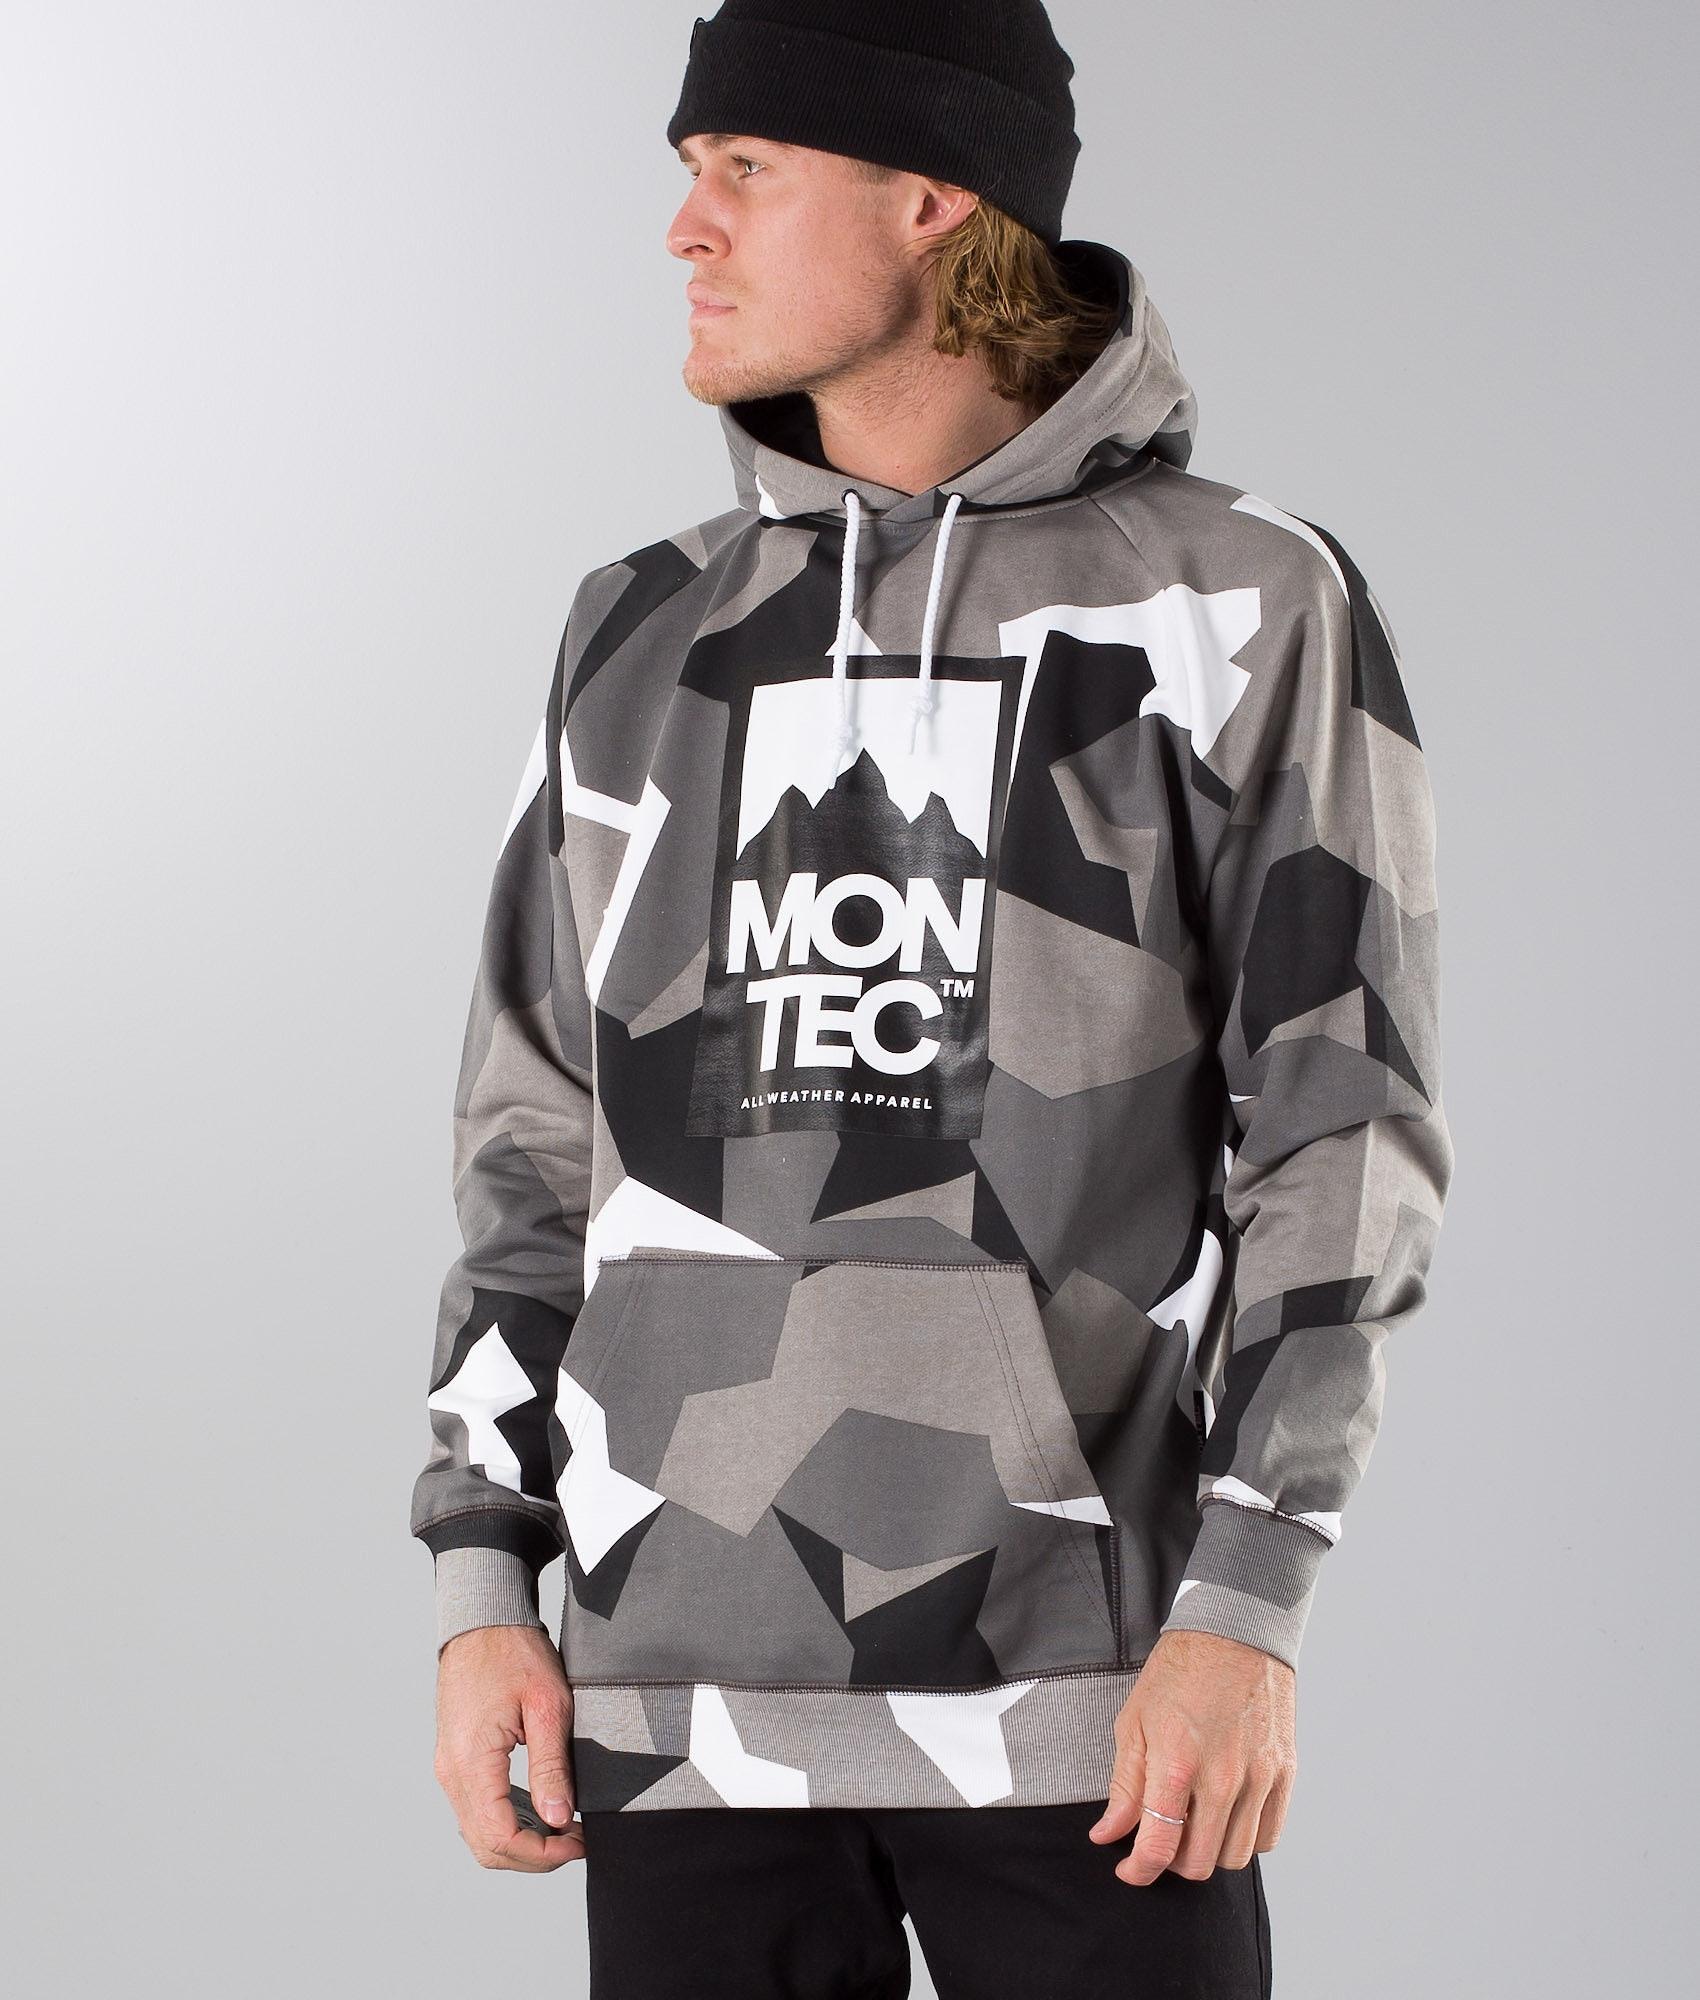 Hoodies   Tröjor Herr Streetwear  921c2e77cbcca